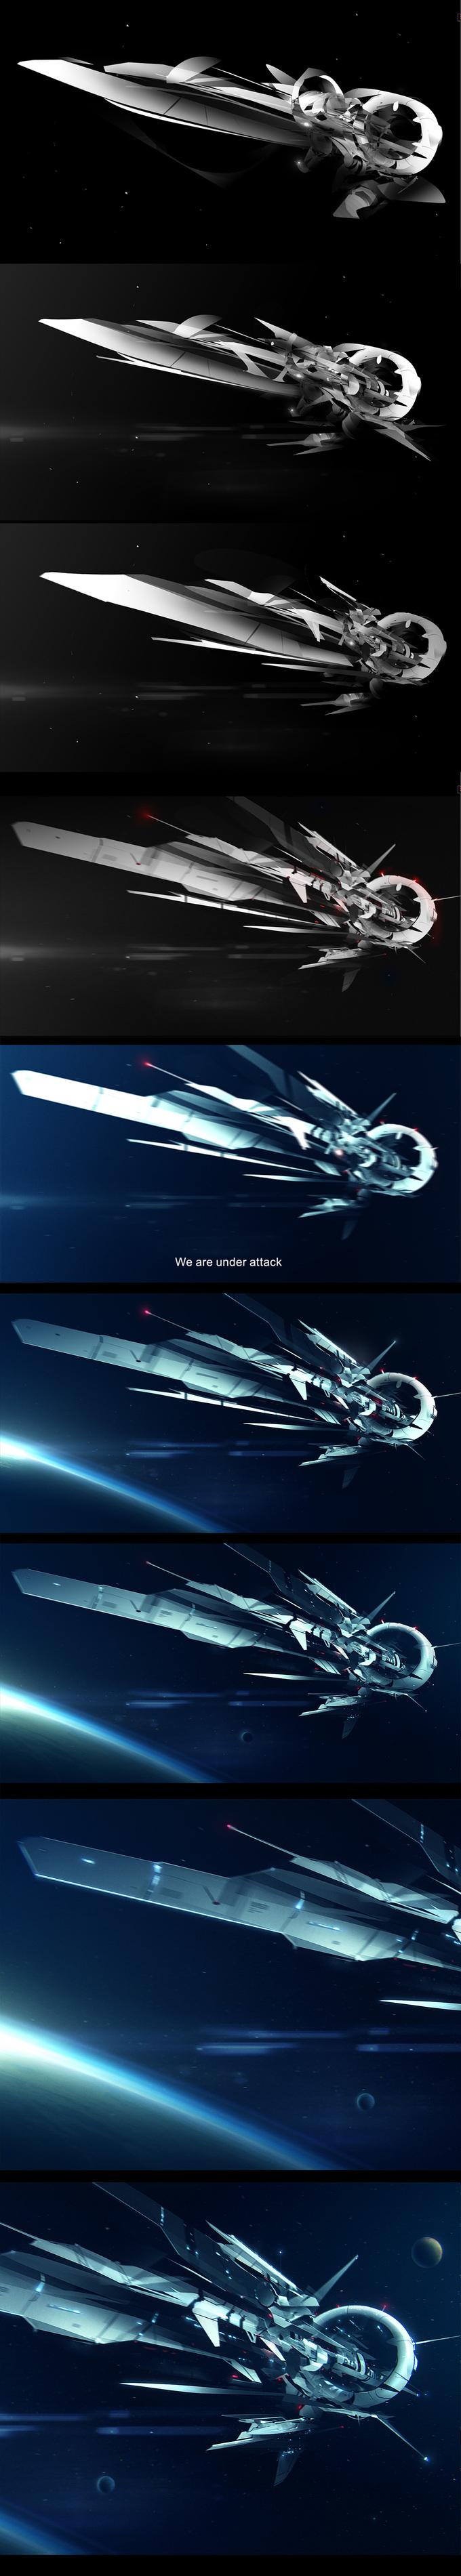 Making of Space journey by jamajurabaev on deviantART via cgpin.com